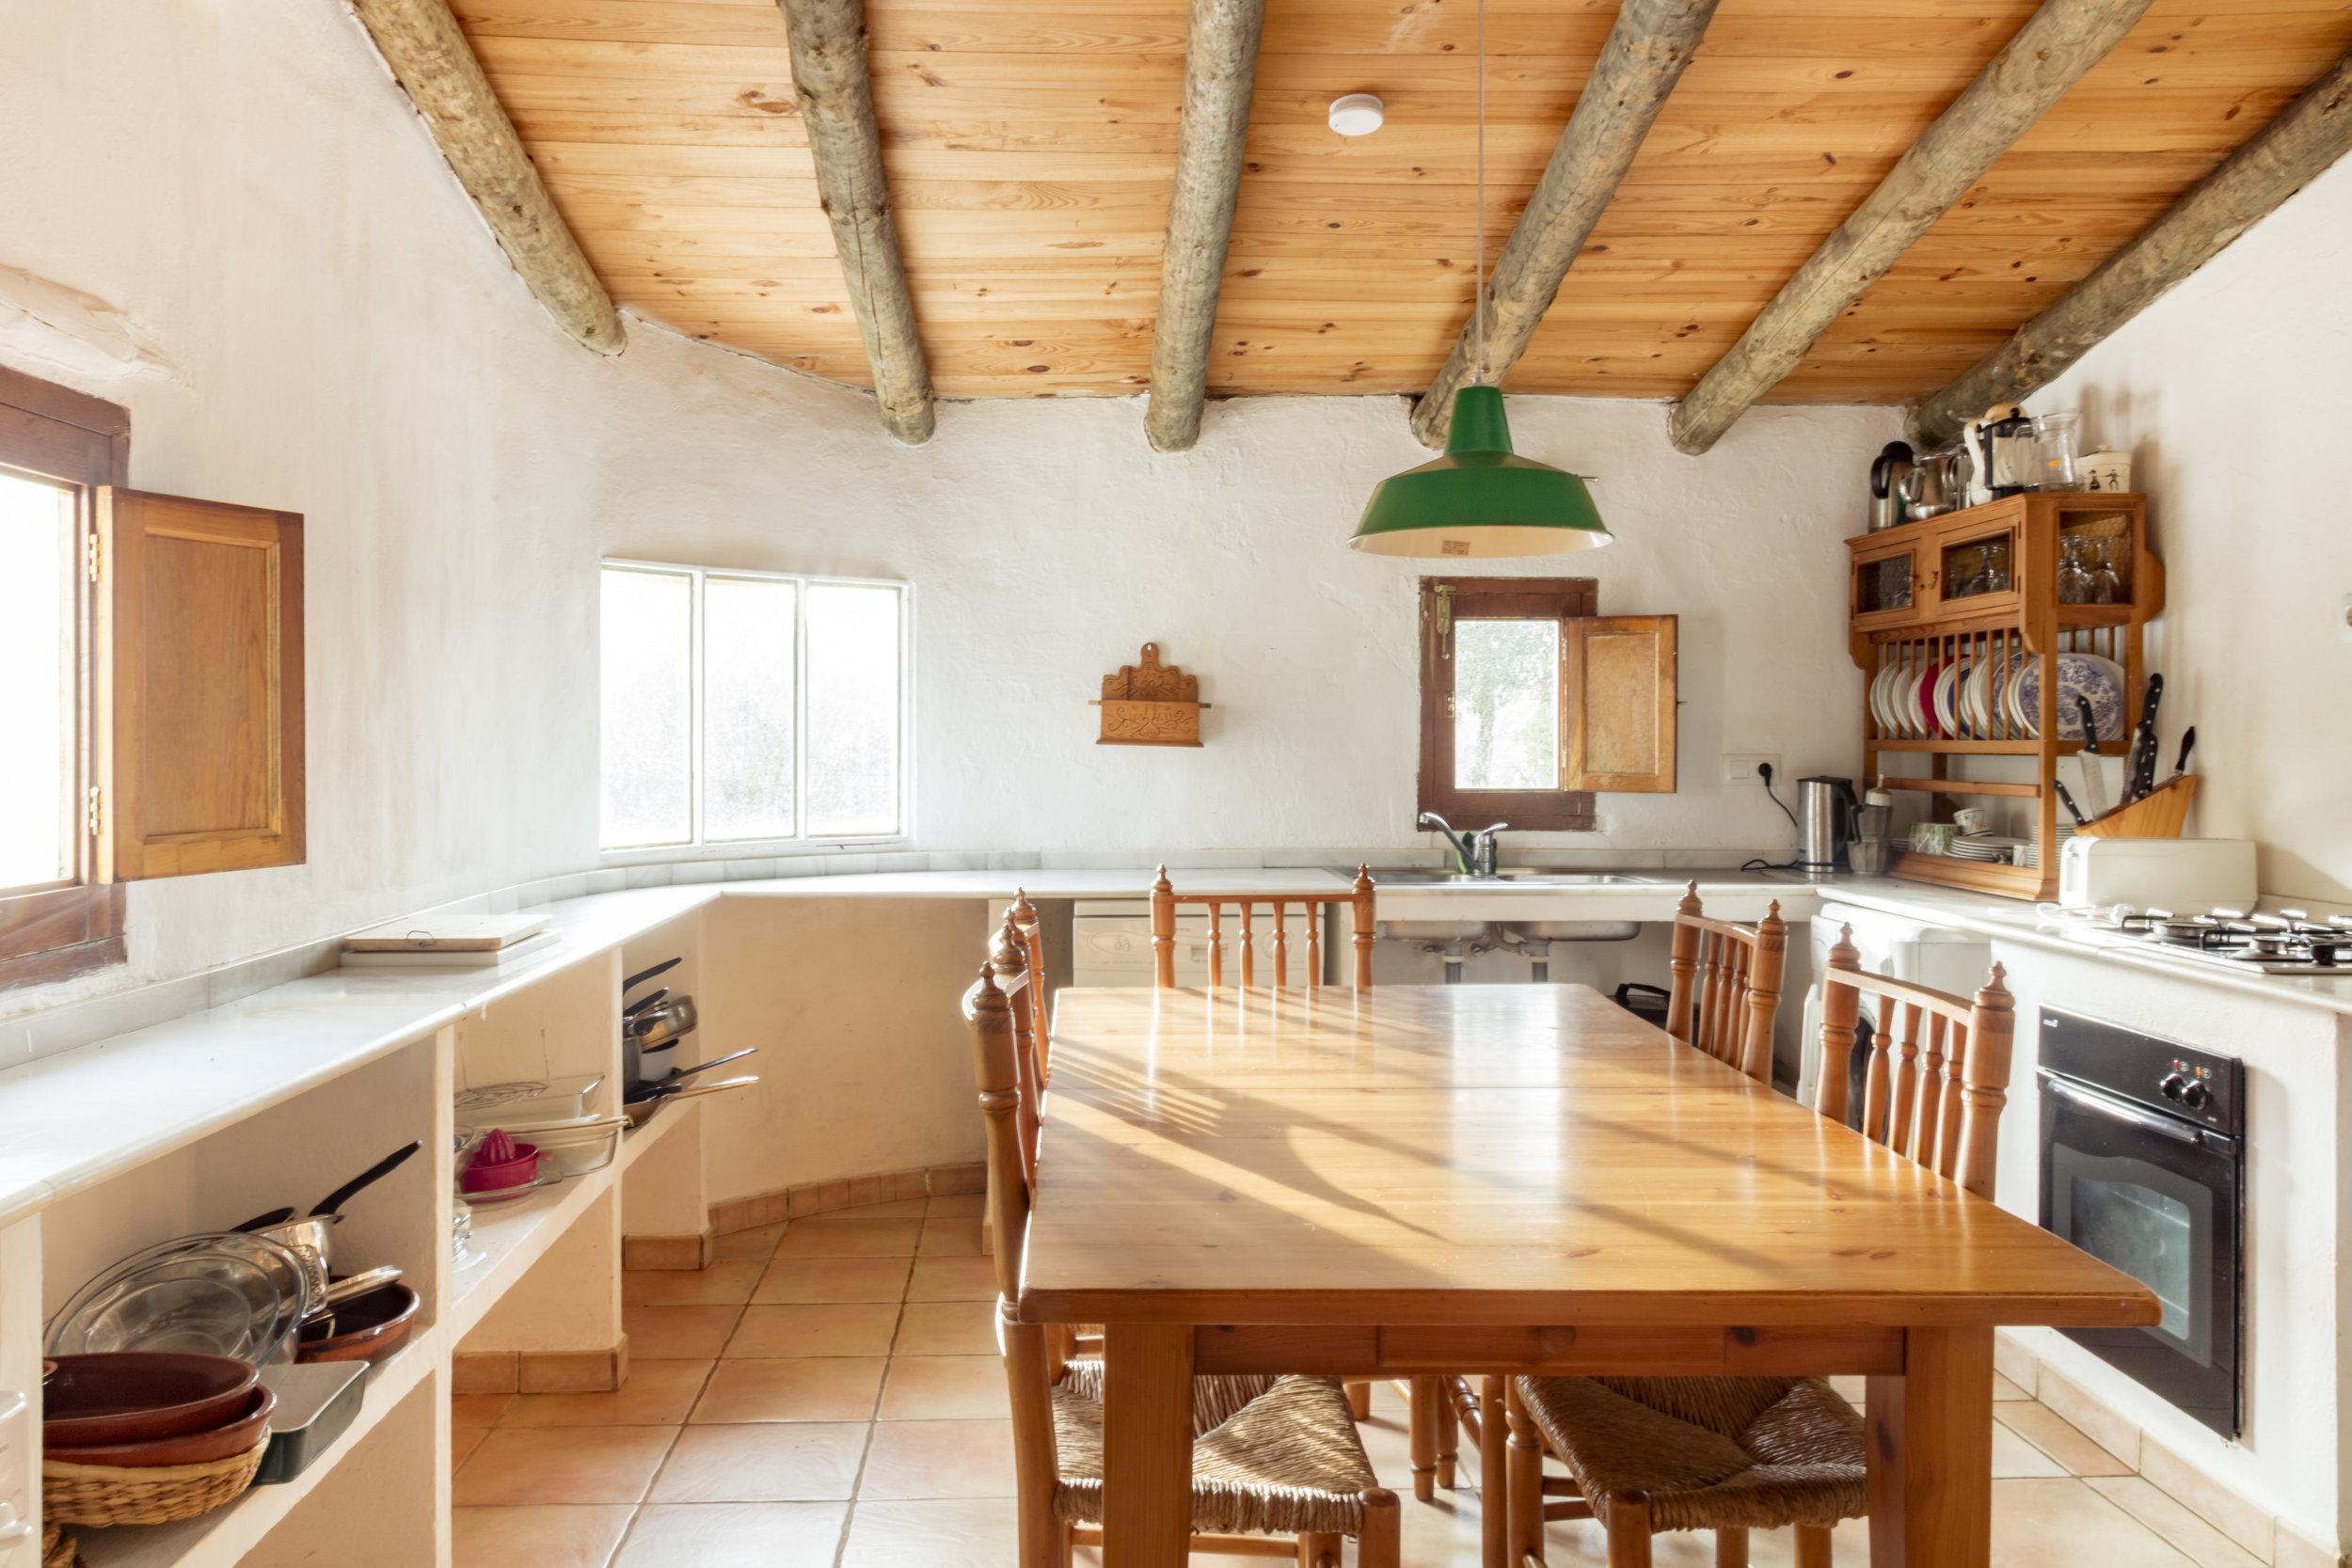 La cuisine das la maison de Luis. Table et chaises en bois, surfaces de travail en marbre blanc.